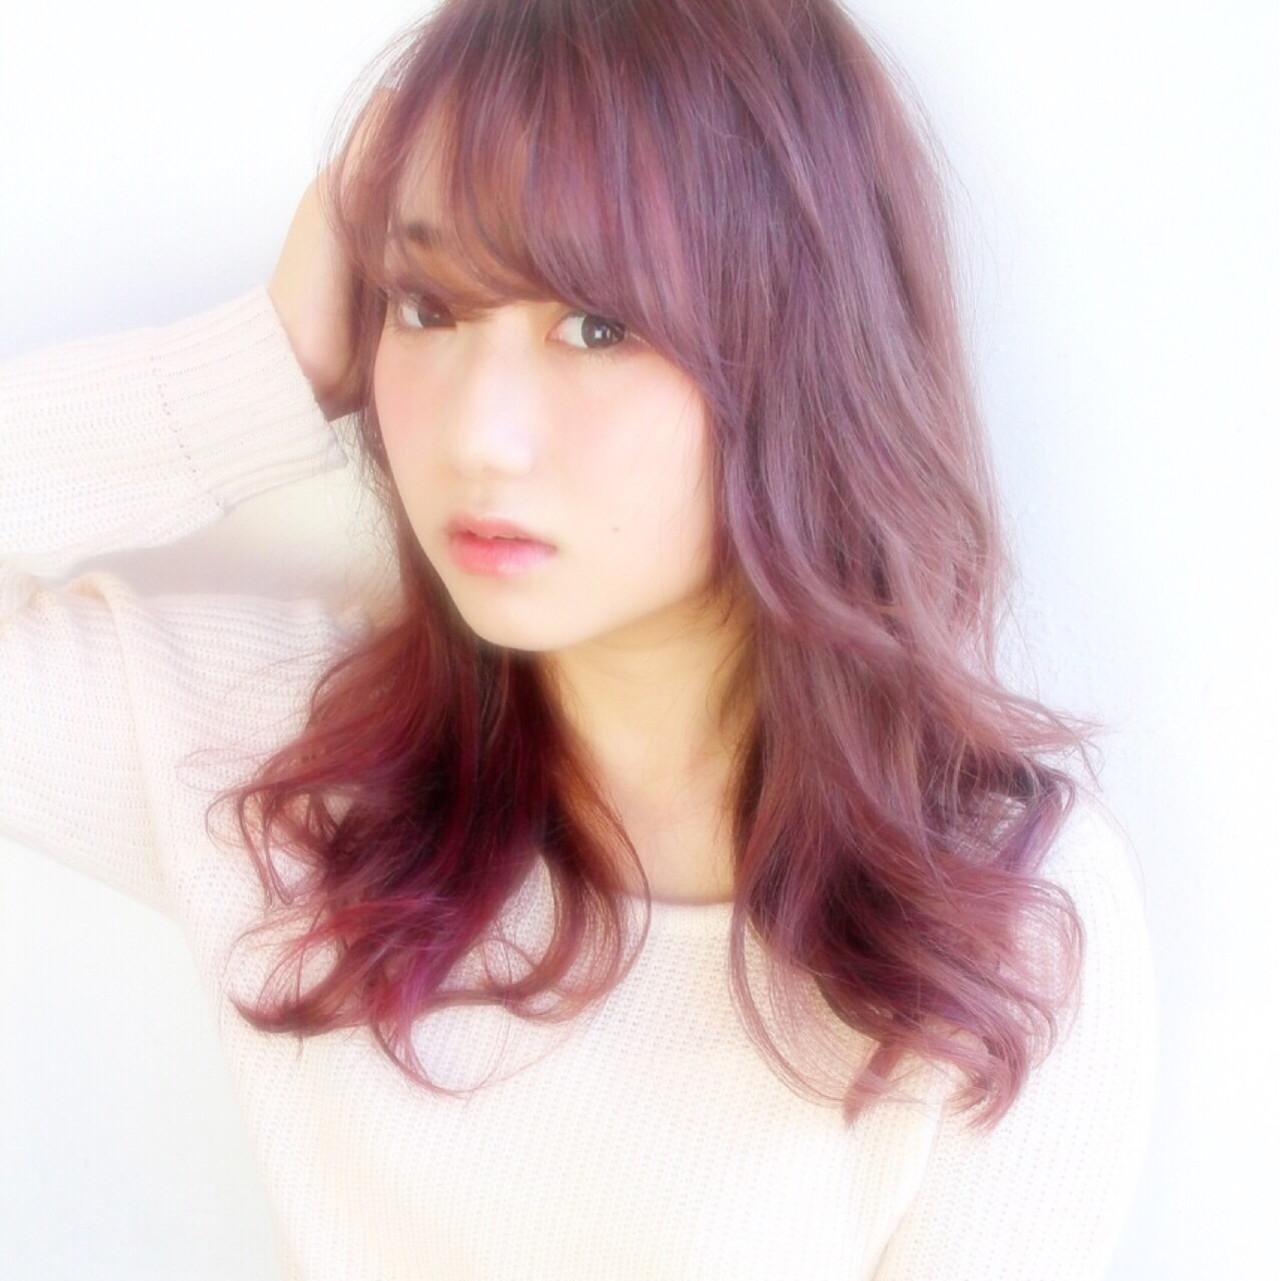 ゆるふわ ピンク ガーリー セミロング ヘアスタイルや髪型の写真・画像